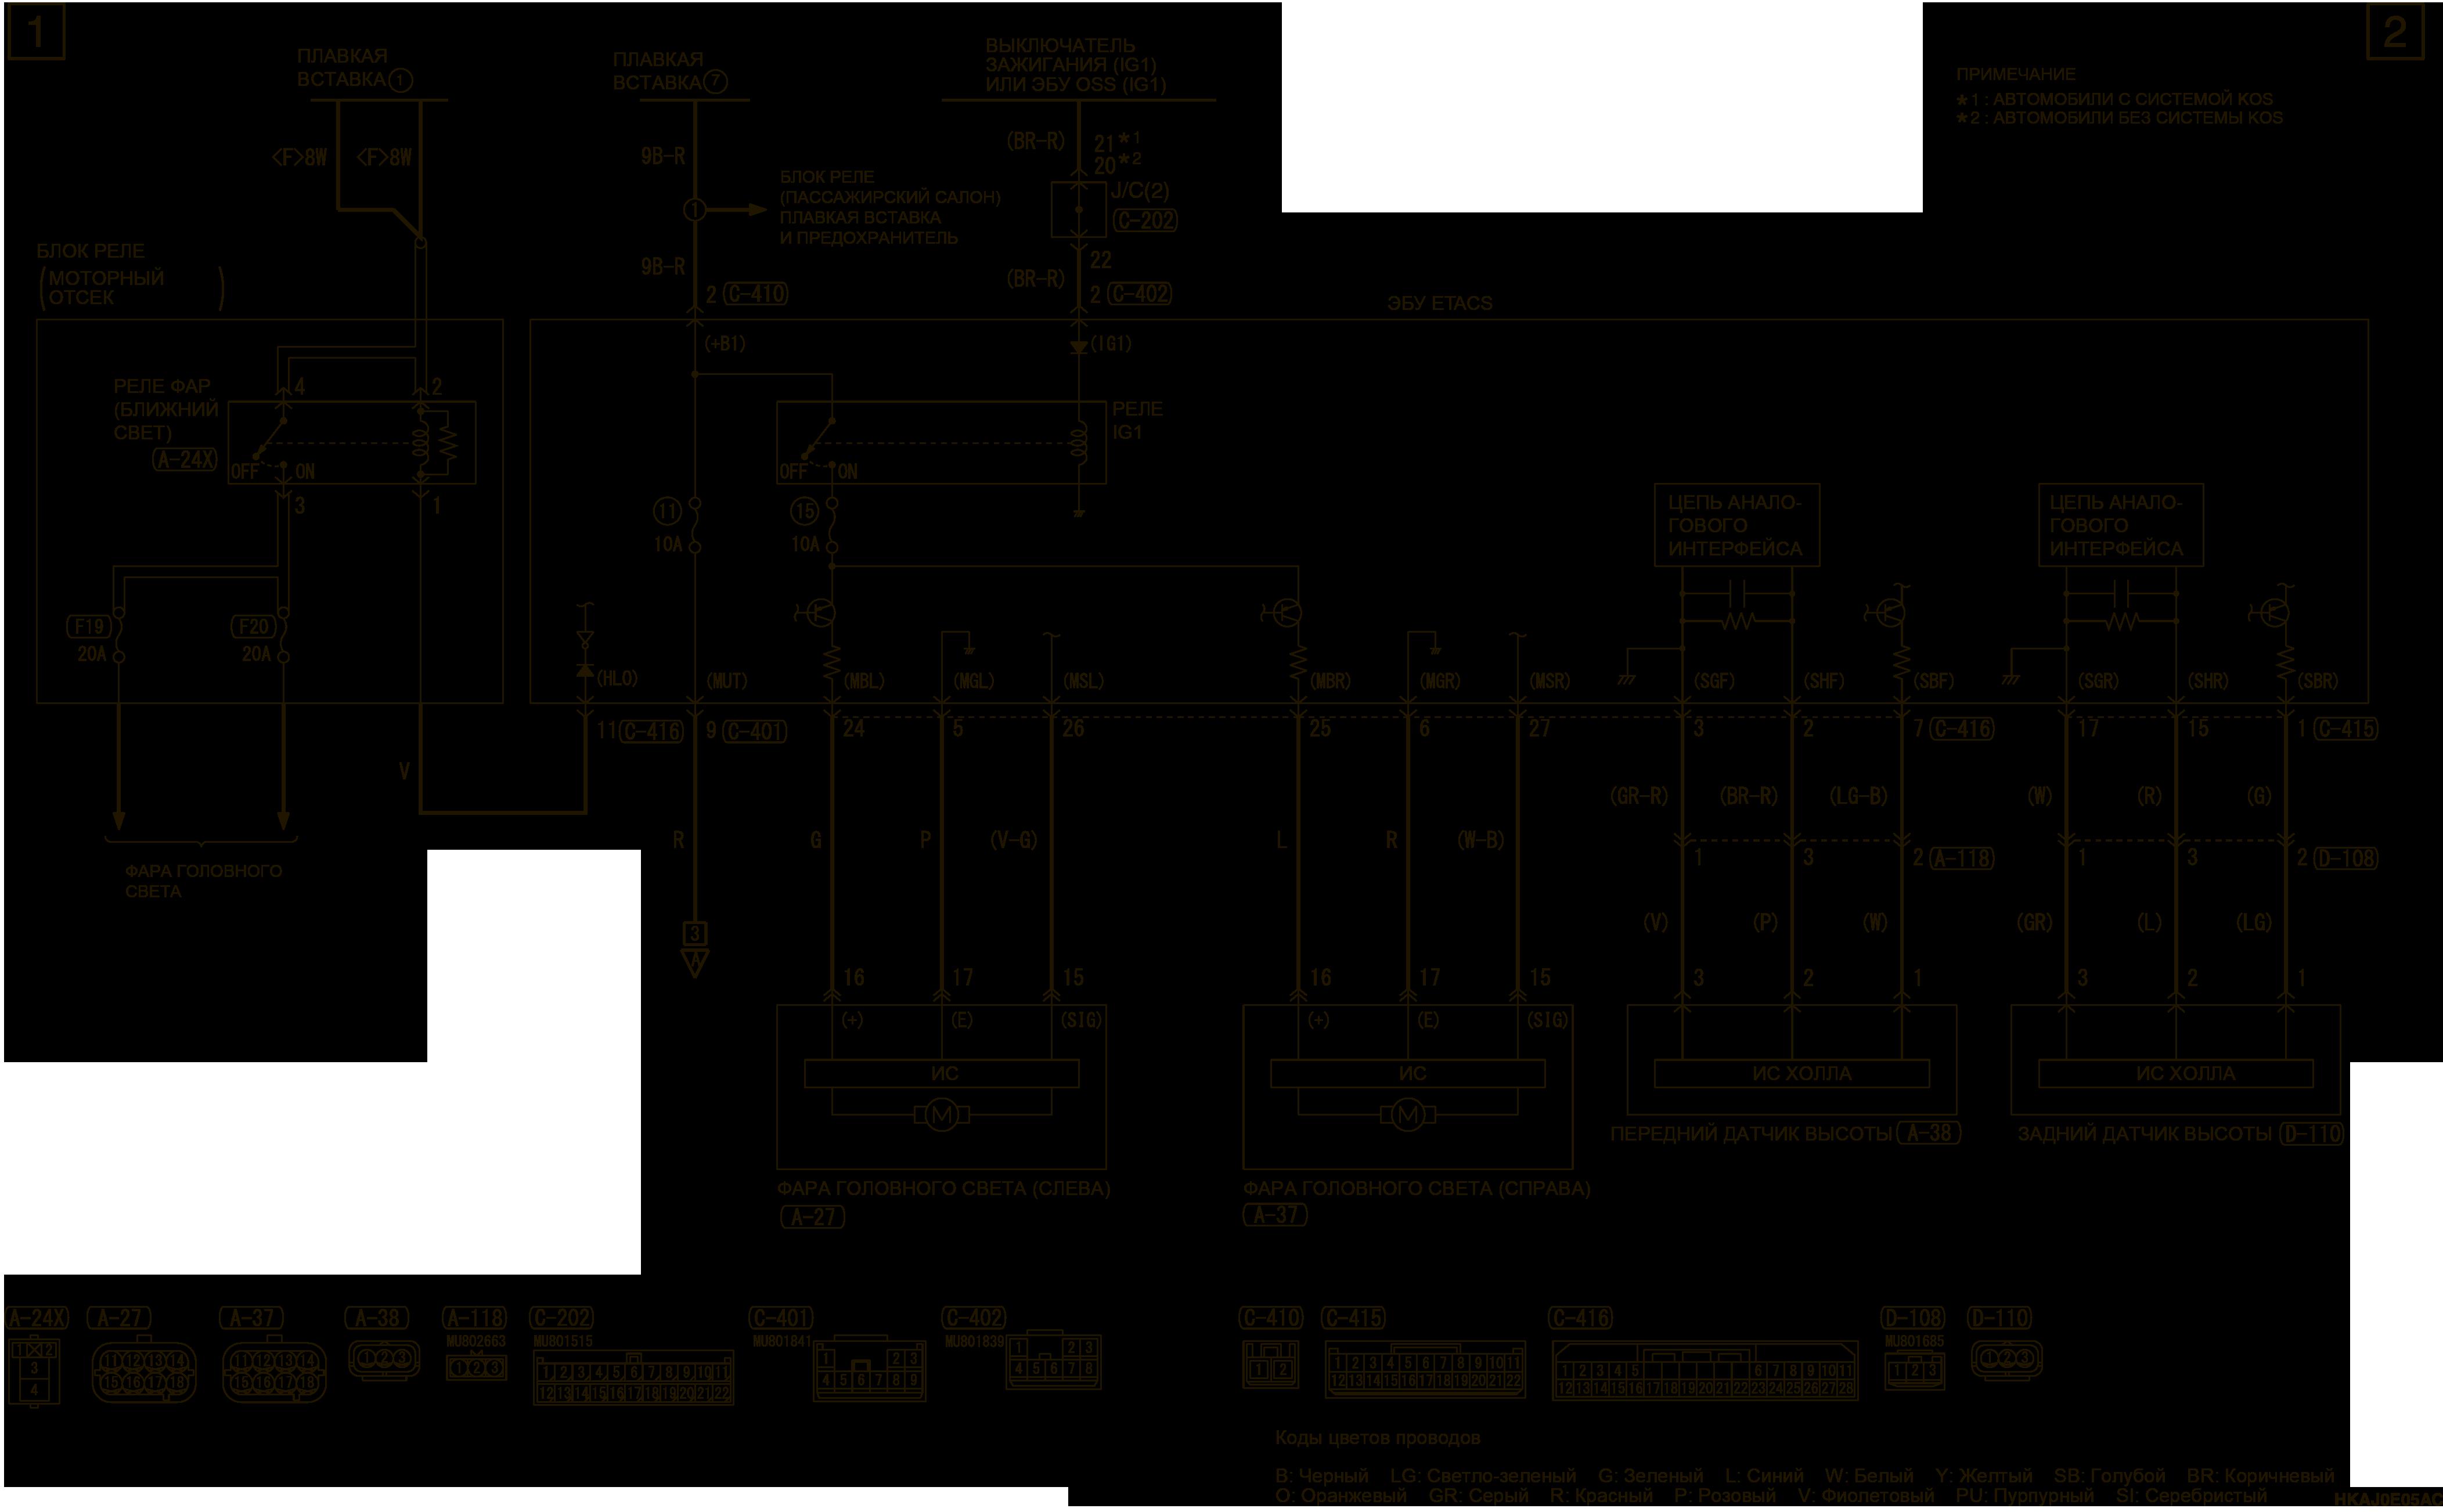 mmc аутлендер 3 2019 электросхемаСИСТЕМА АВТОМАТИЧЕСКОГО УПРАВЛЕНИЯ ОСЯМИ СВЕТА ФАР ЛЕВОСТОРОННЕЕ УПРАВЛЕНИЕ